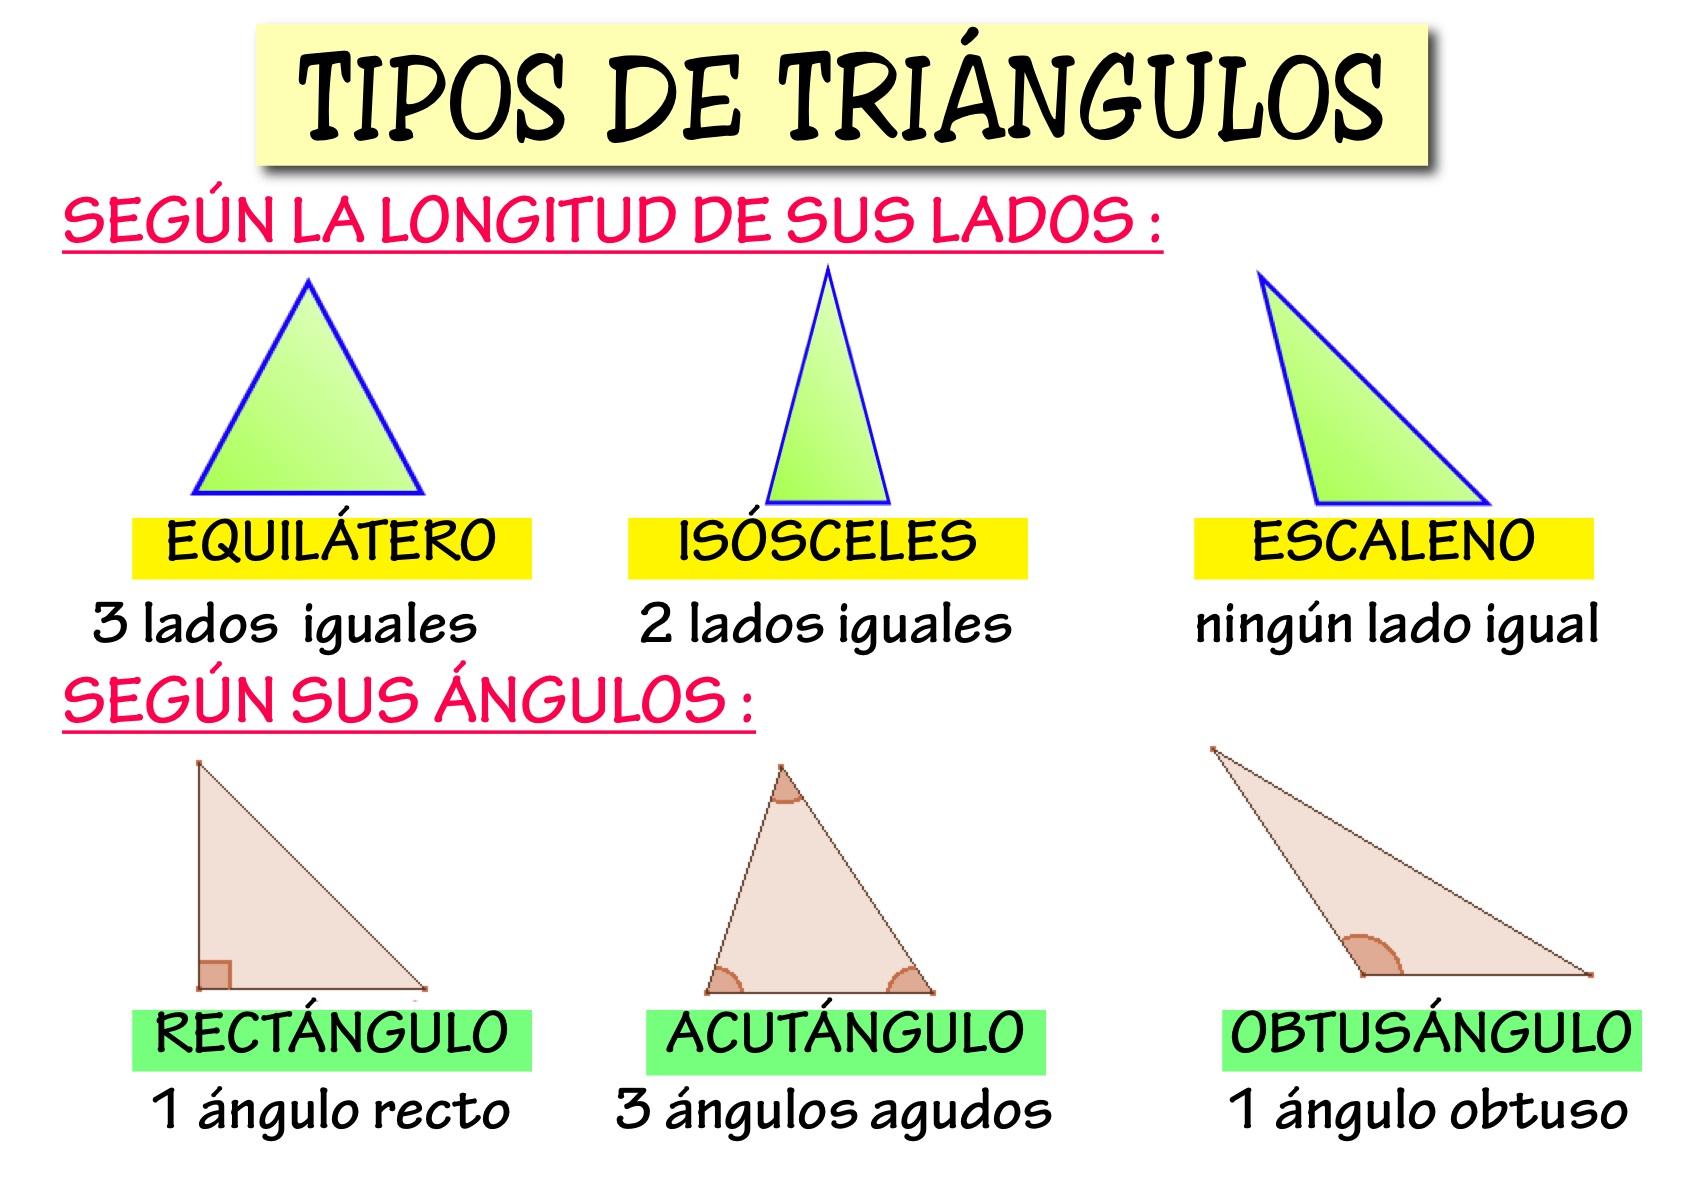 Cuadros sinópticos sobre la clasificación de los triángulos en ...